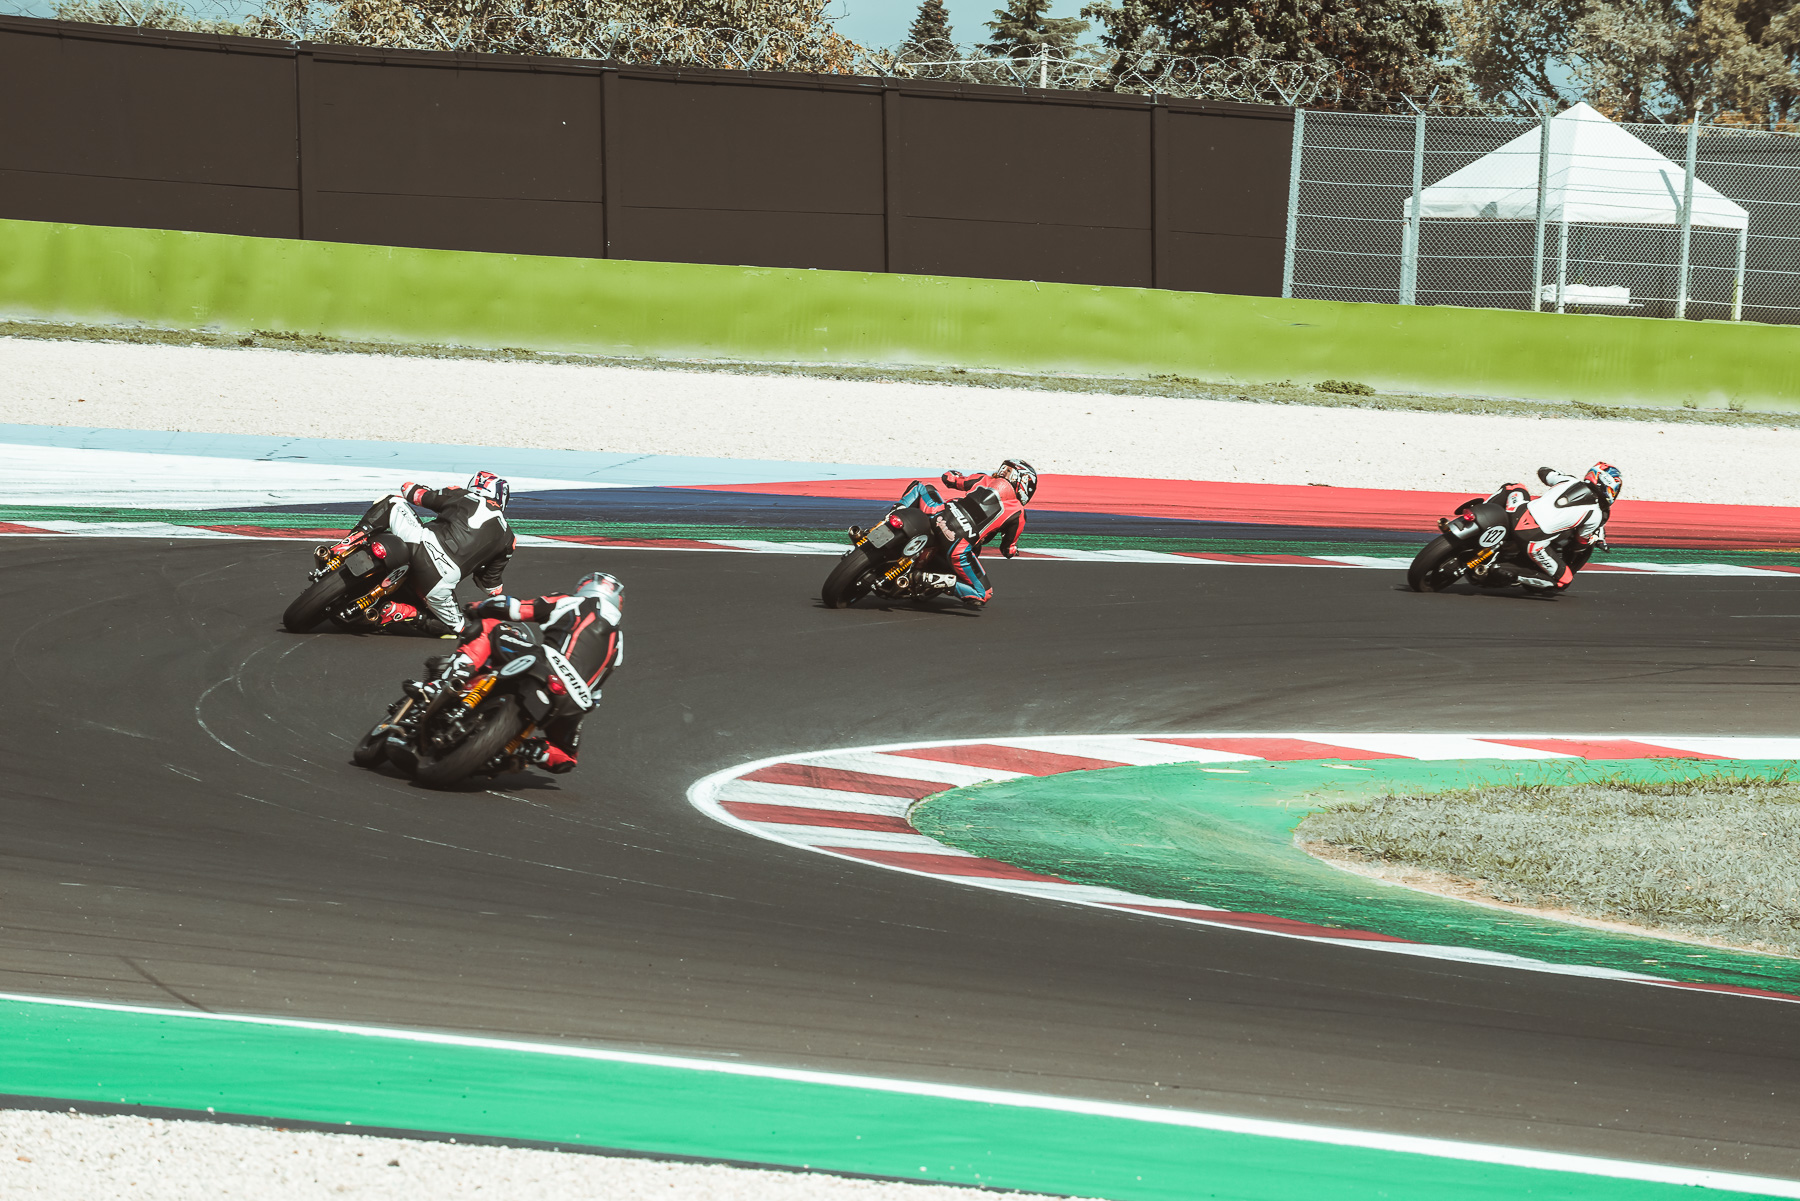 2020-Moto-Guzzi-Endurance-DAY-2-38